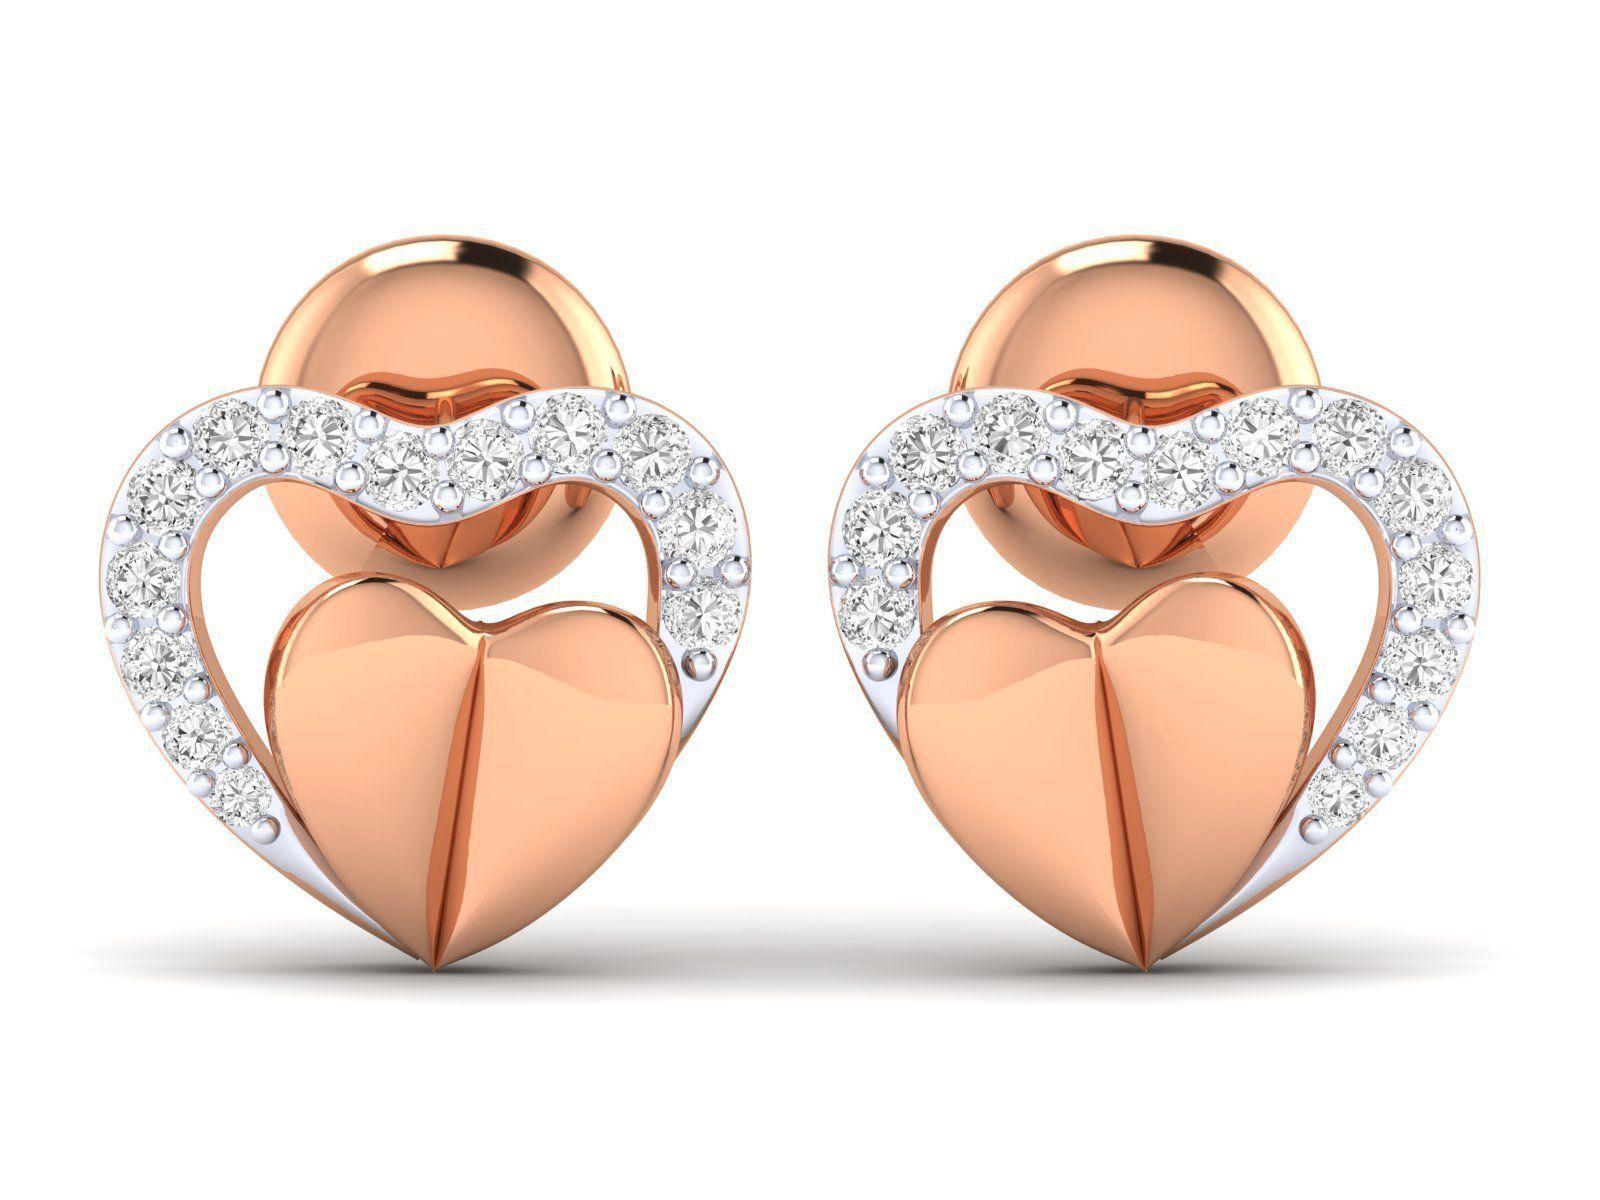 Women Heart Earrings 3dm stl render detail